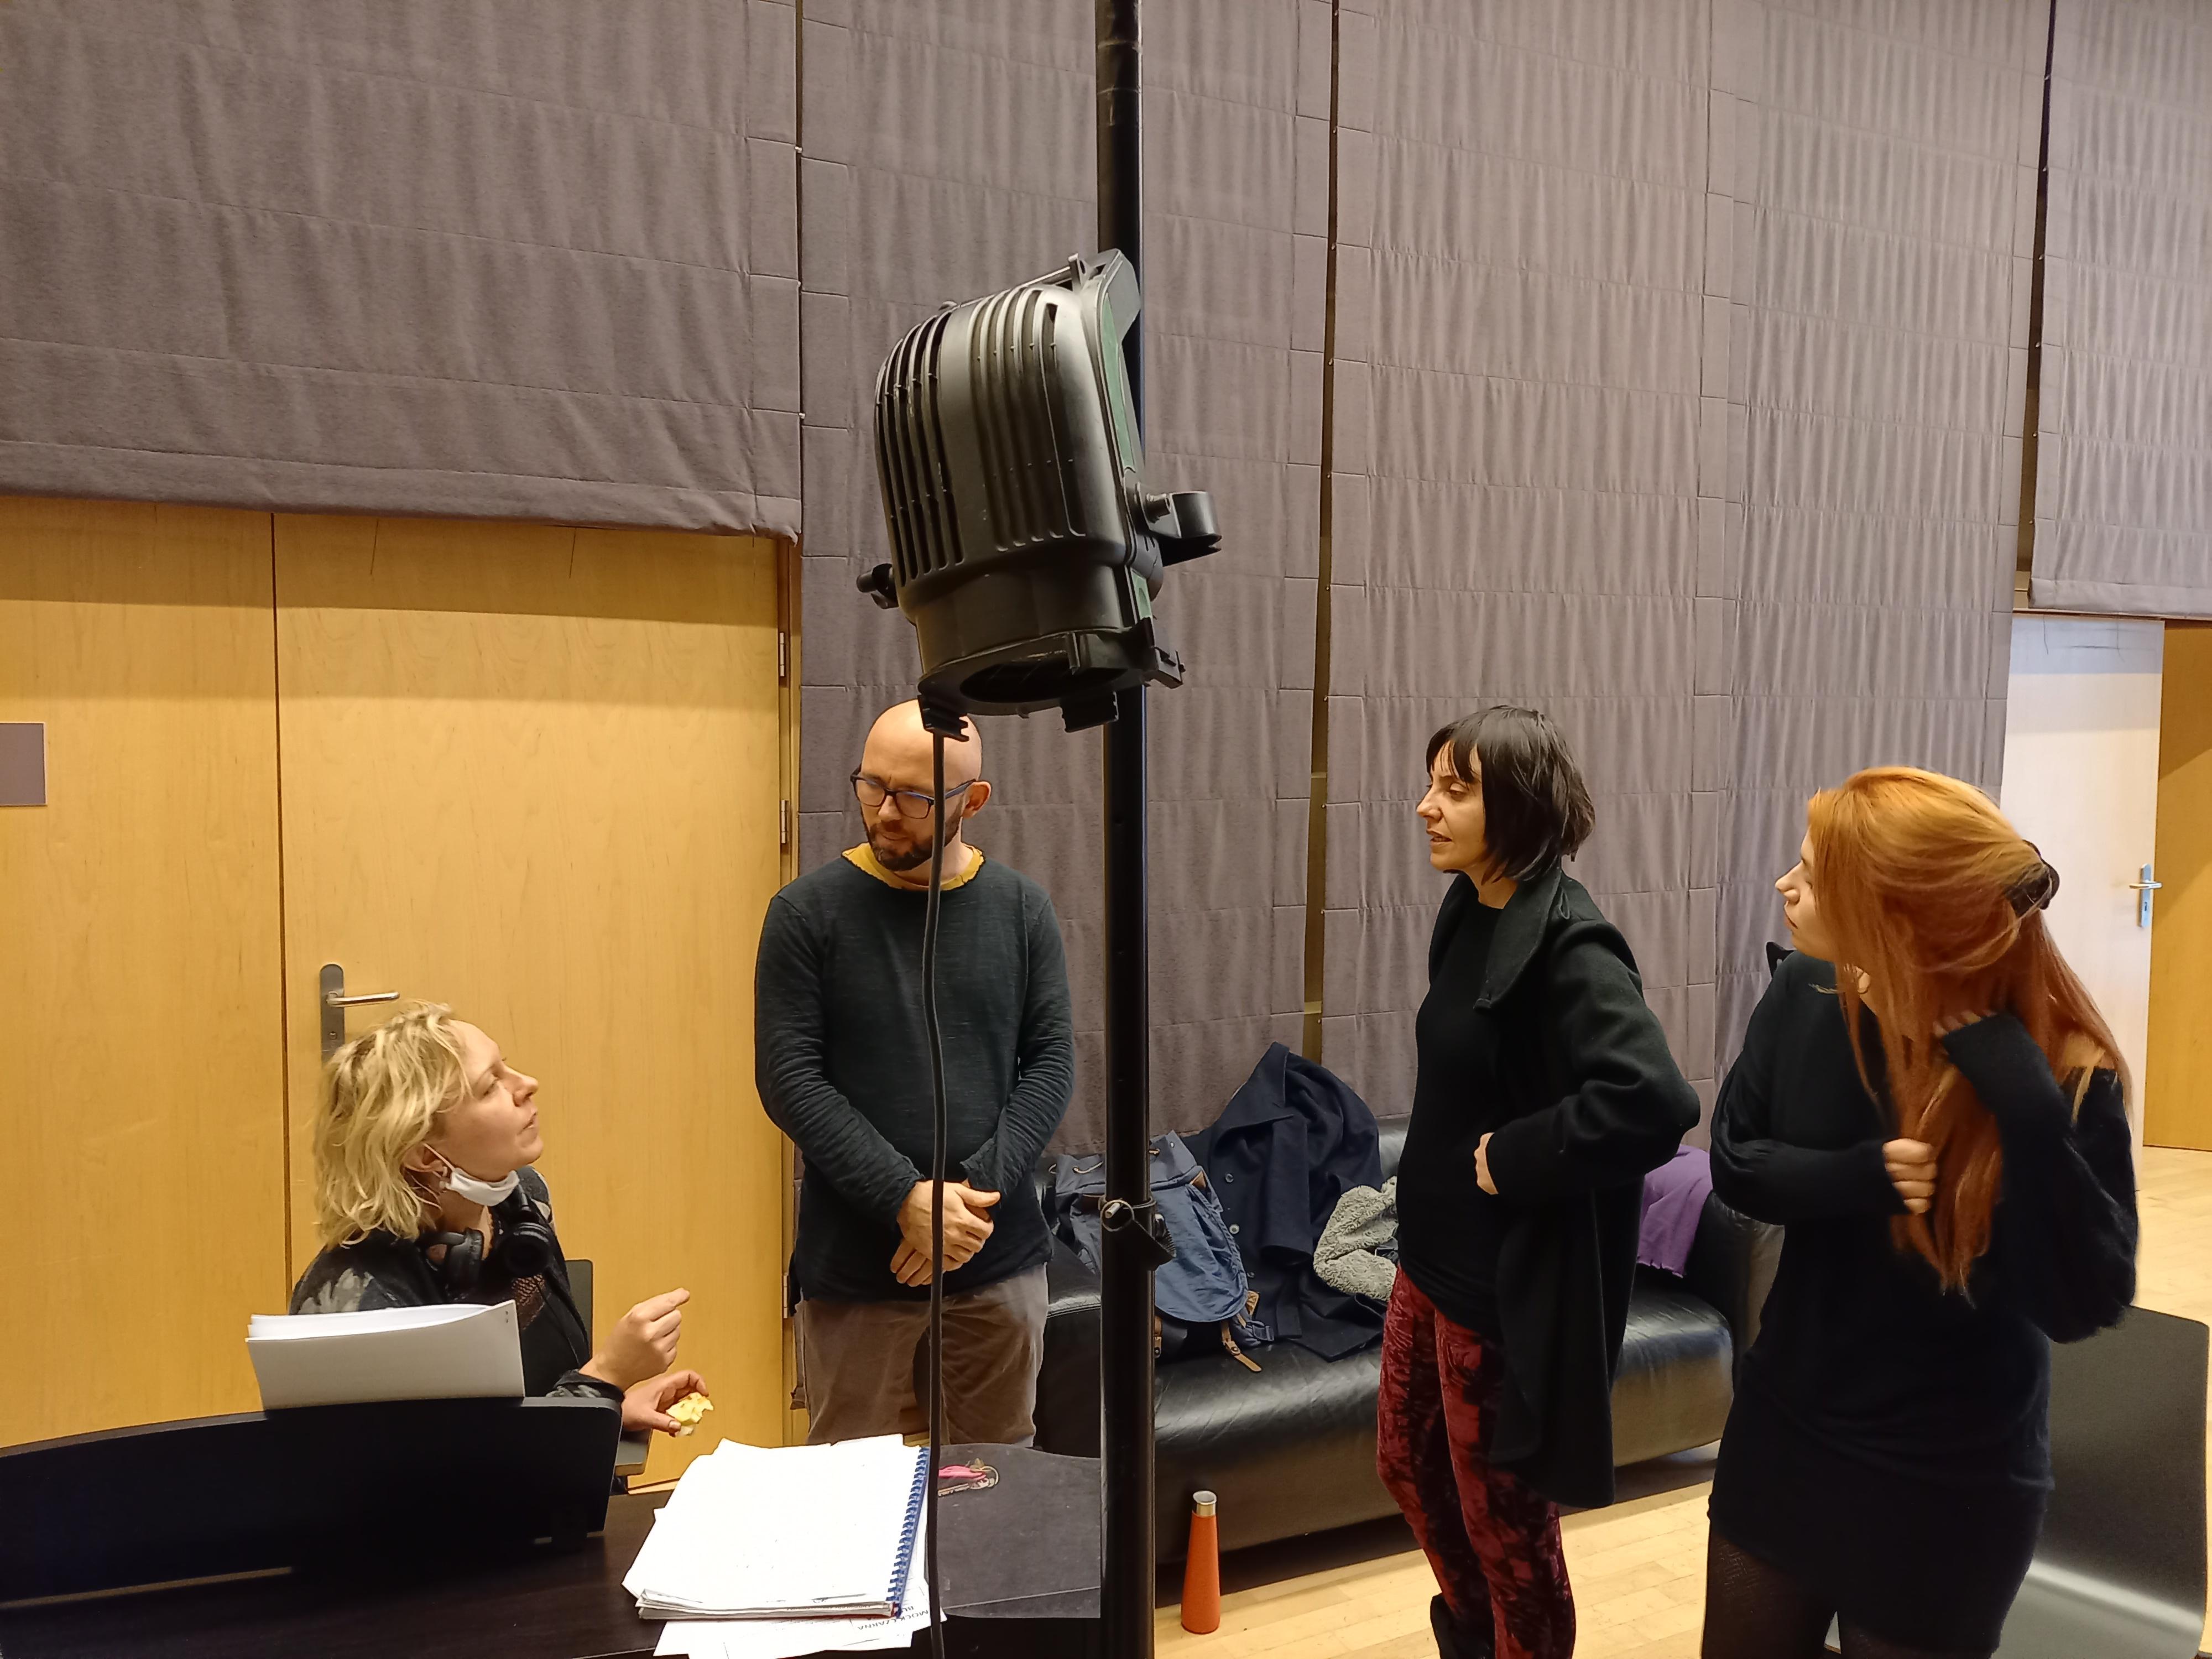 Sala prób chóru w teatrze, aktorzy podczas próby wokalnej